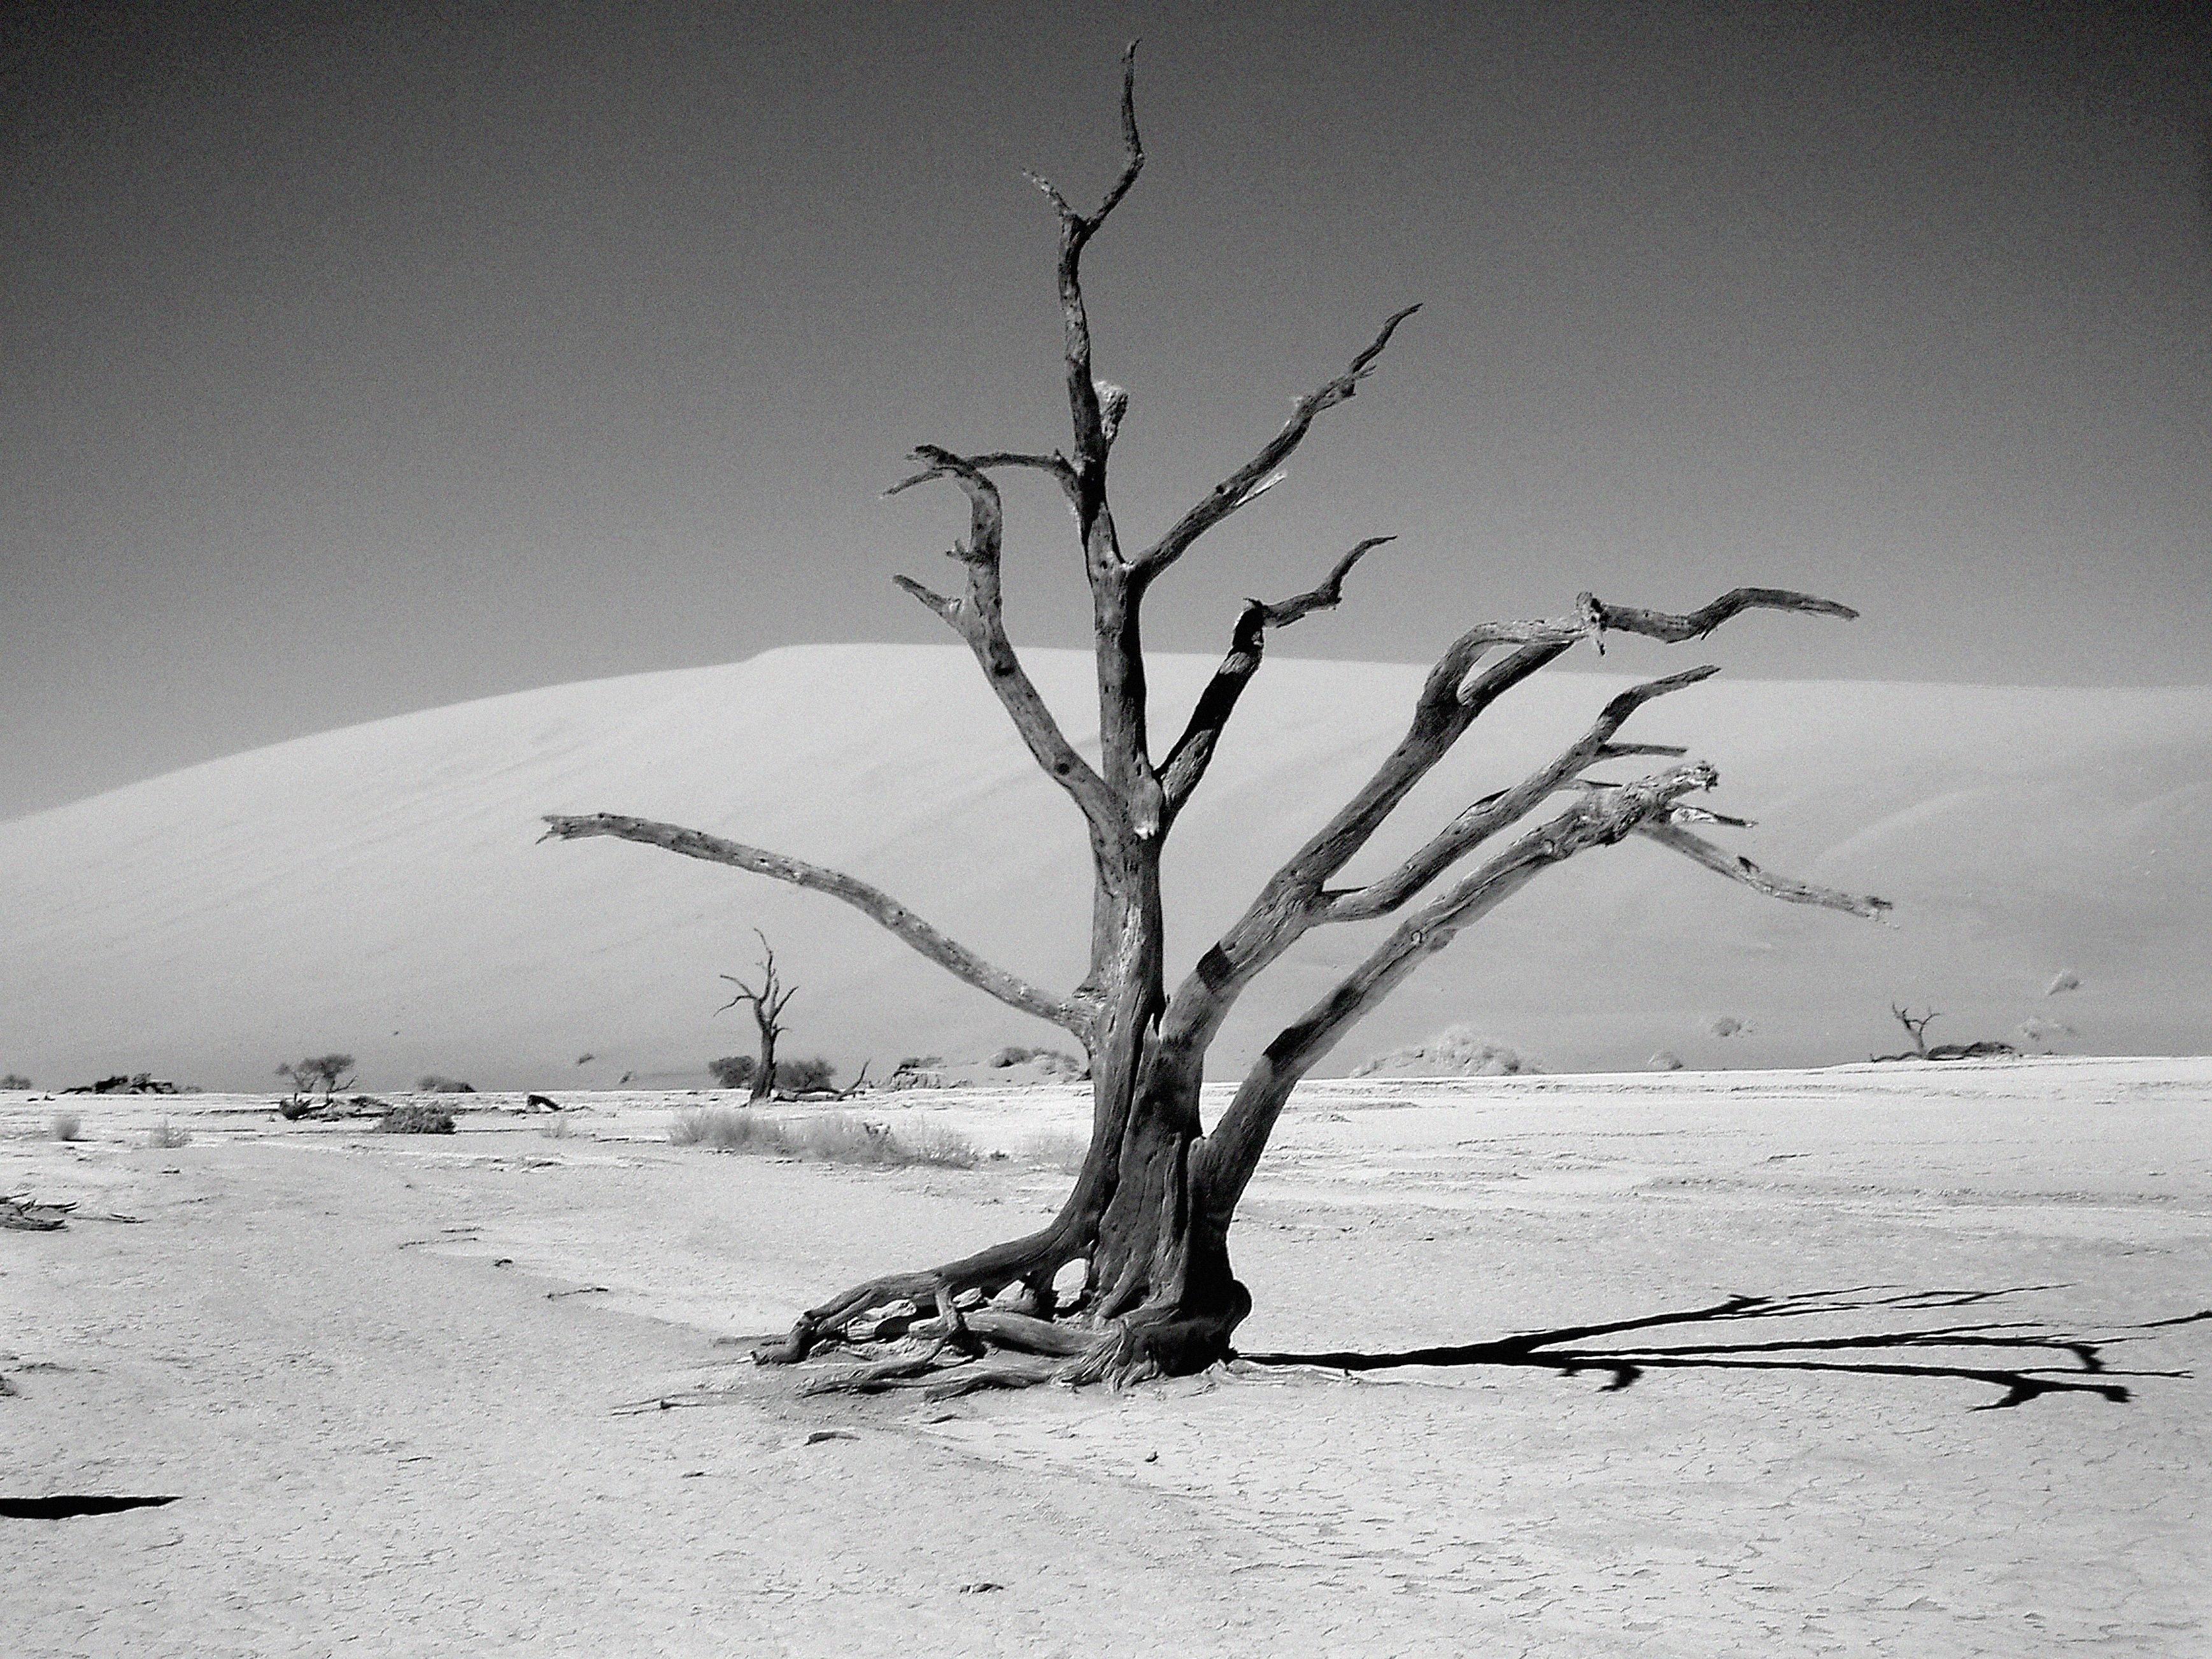 Gambar Pohon Alam Pasir Cabang Salju Musim Dingin